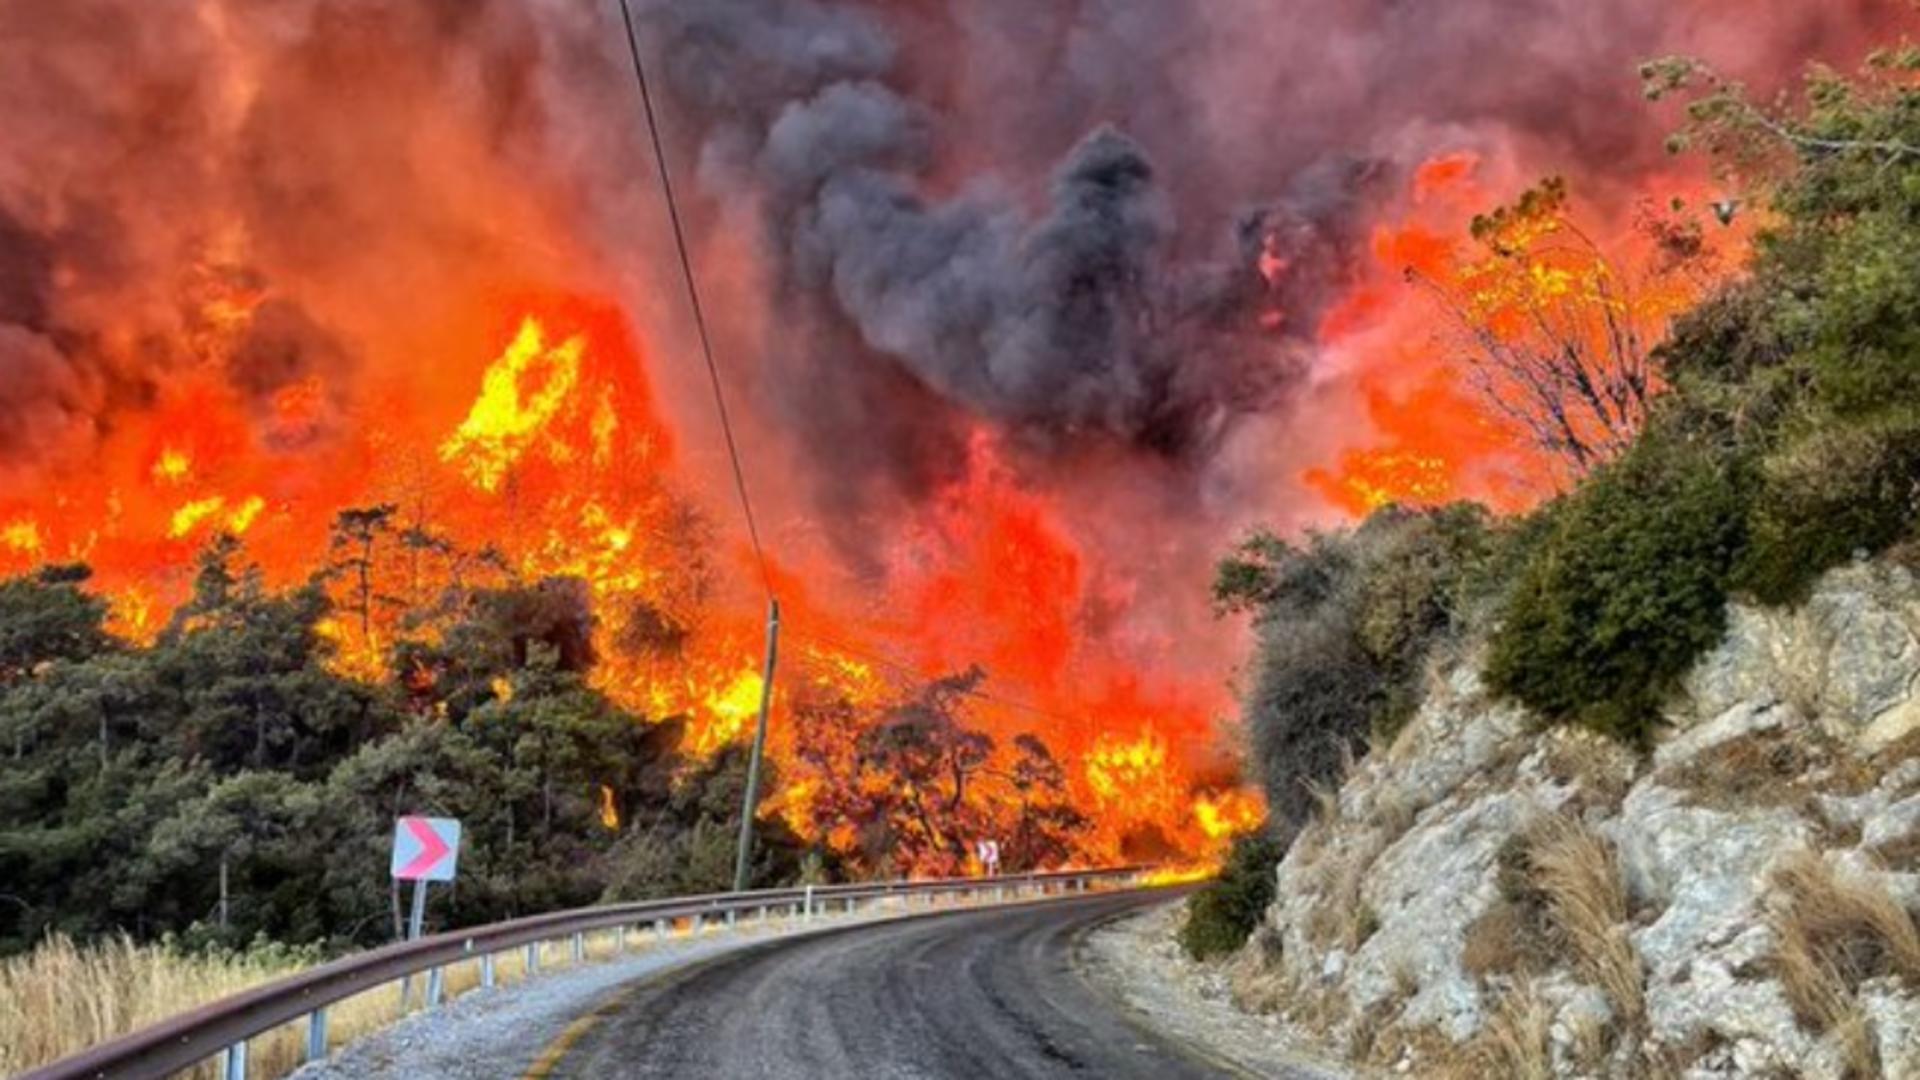 Incendii DEVASTATOARE în Europa din cauza caniculei - Zeci de morți și sute de răniți Foto: Twitter